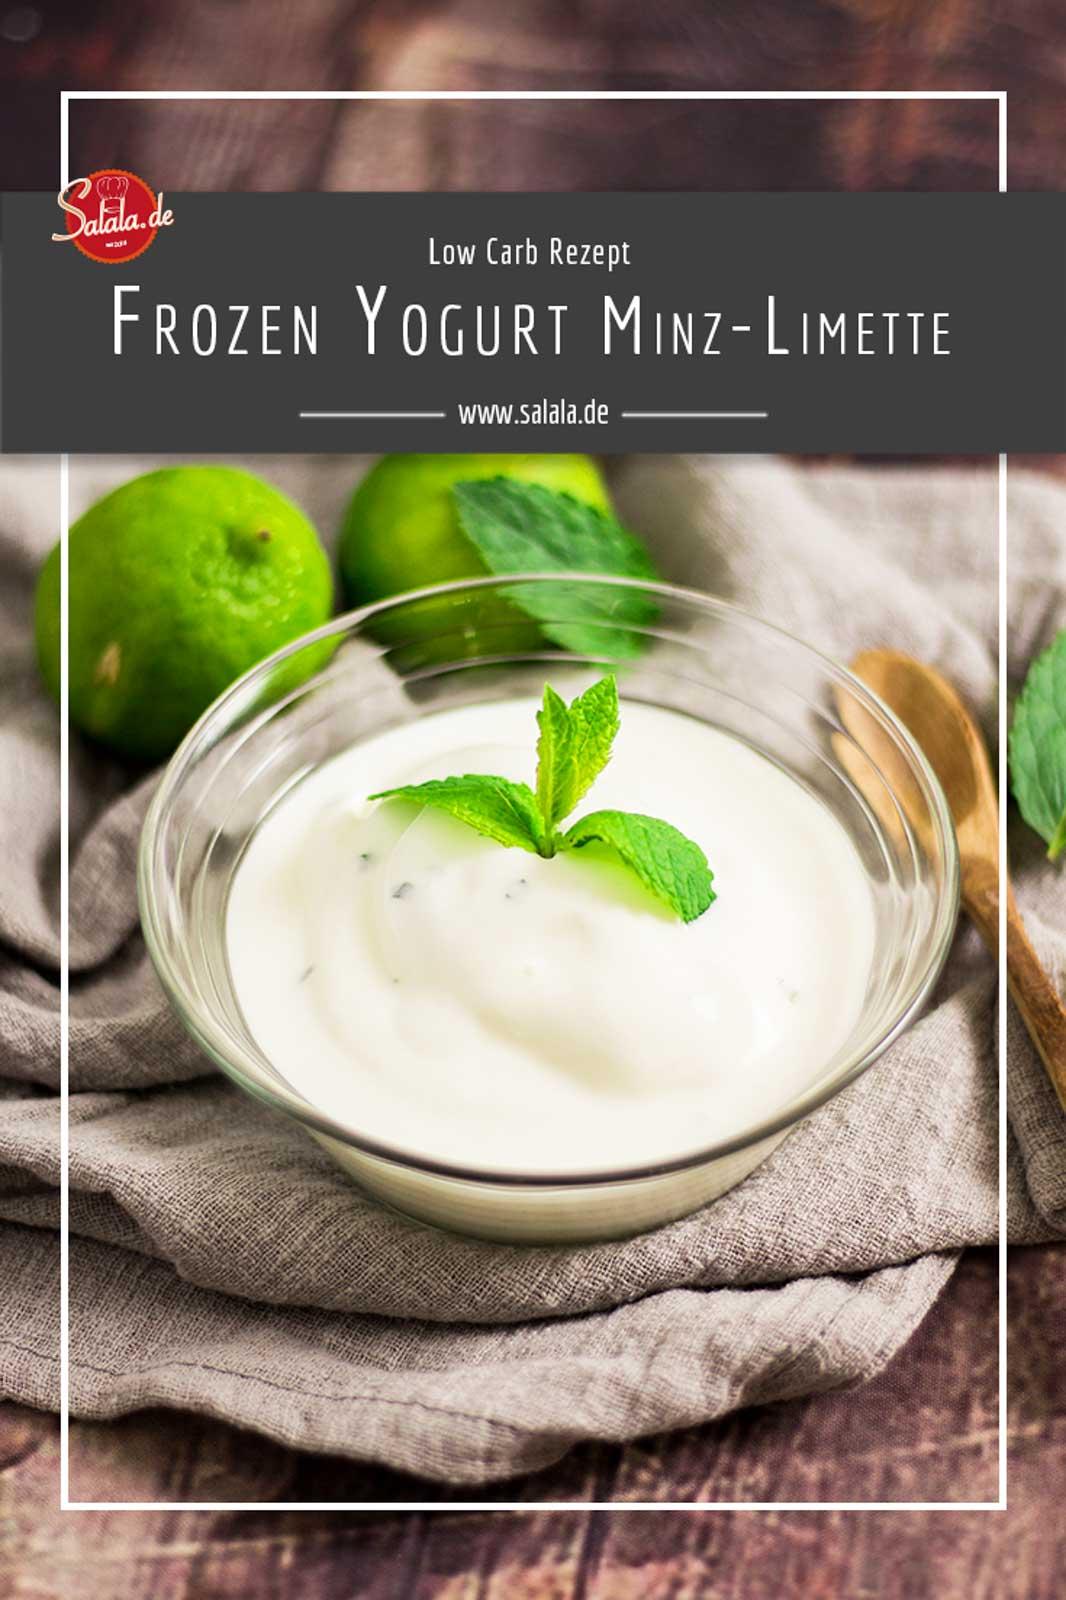 Frozen Yogurt mit Limette und Minze - by salala.de - zuckerfrei Low Carb Rezept mit Eismaschine Ibywind YF700 #lowcarb #lowcarbrezept #frozenyoghurt #zuckerfrei